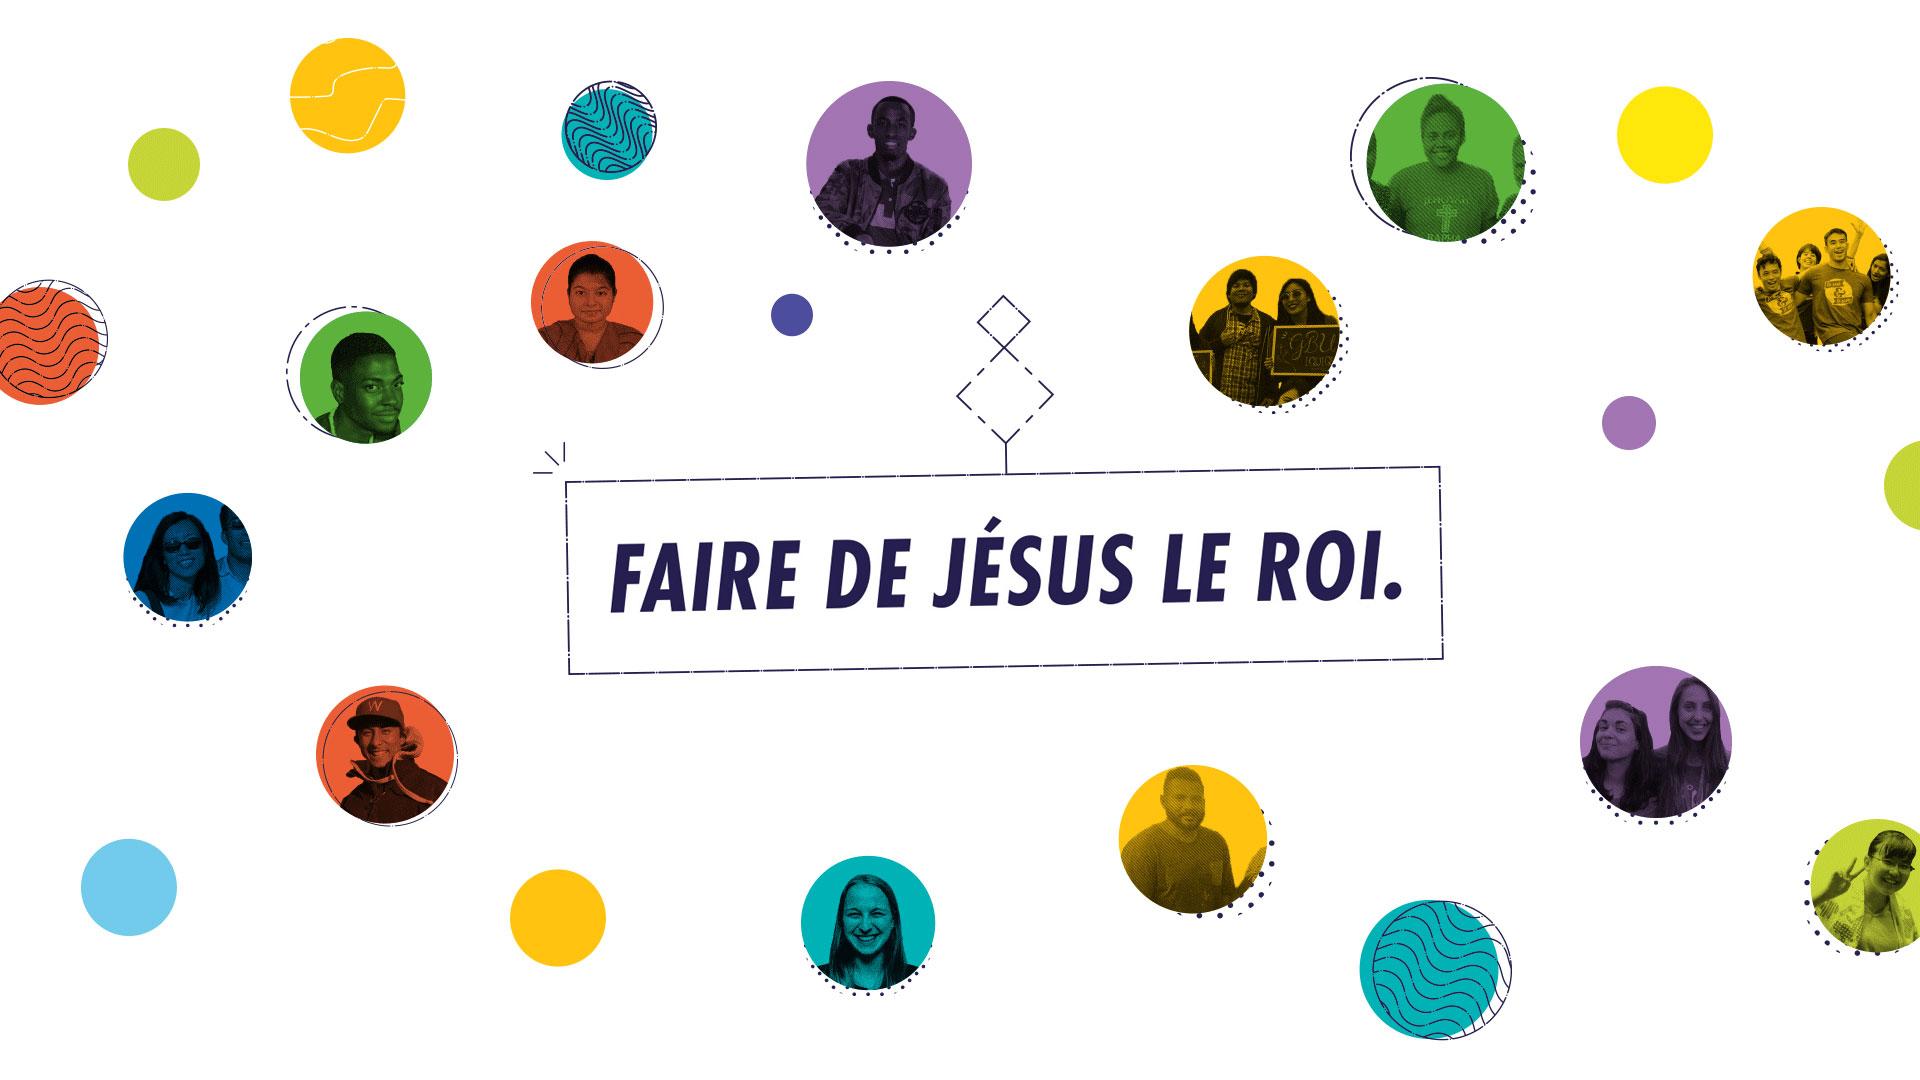 Faire de Jésus le Roi